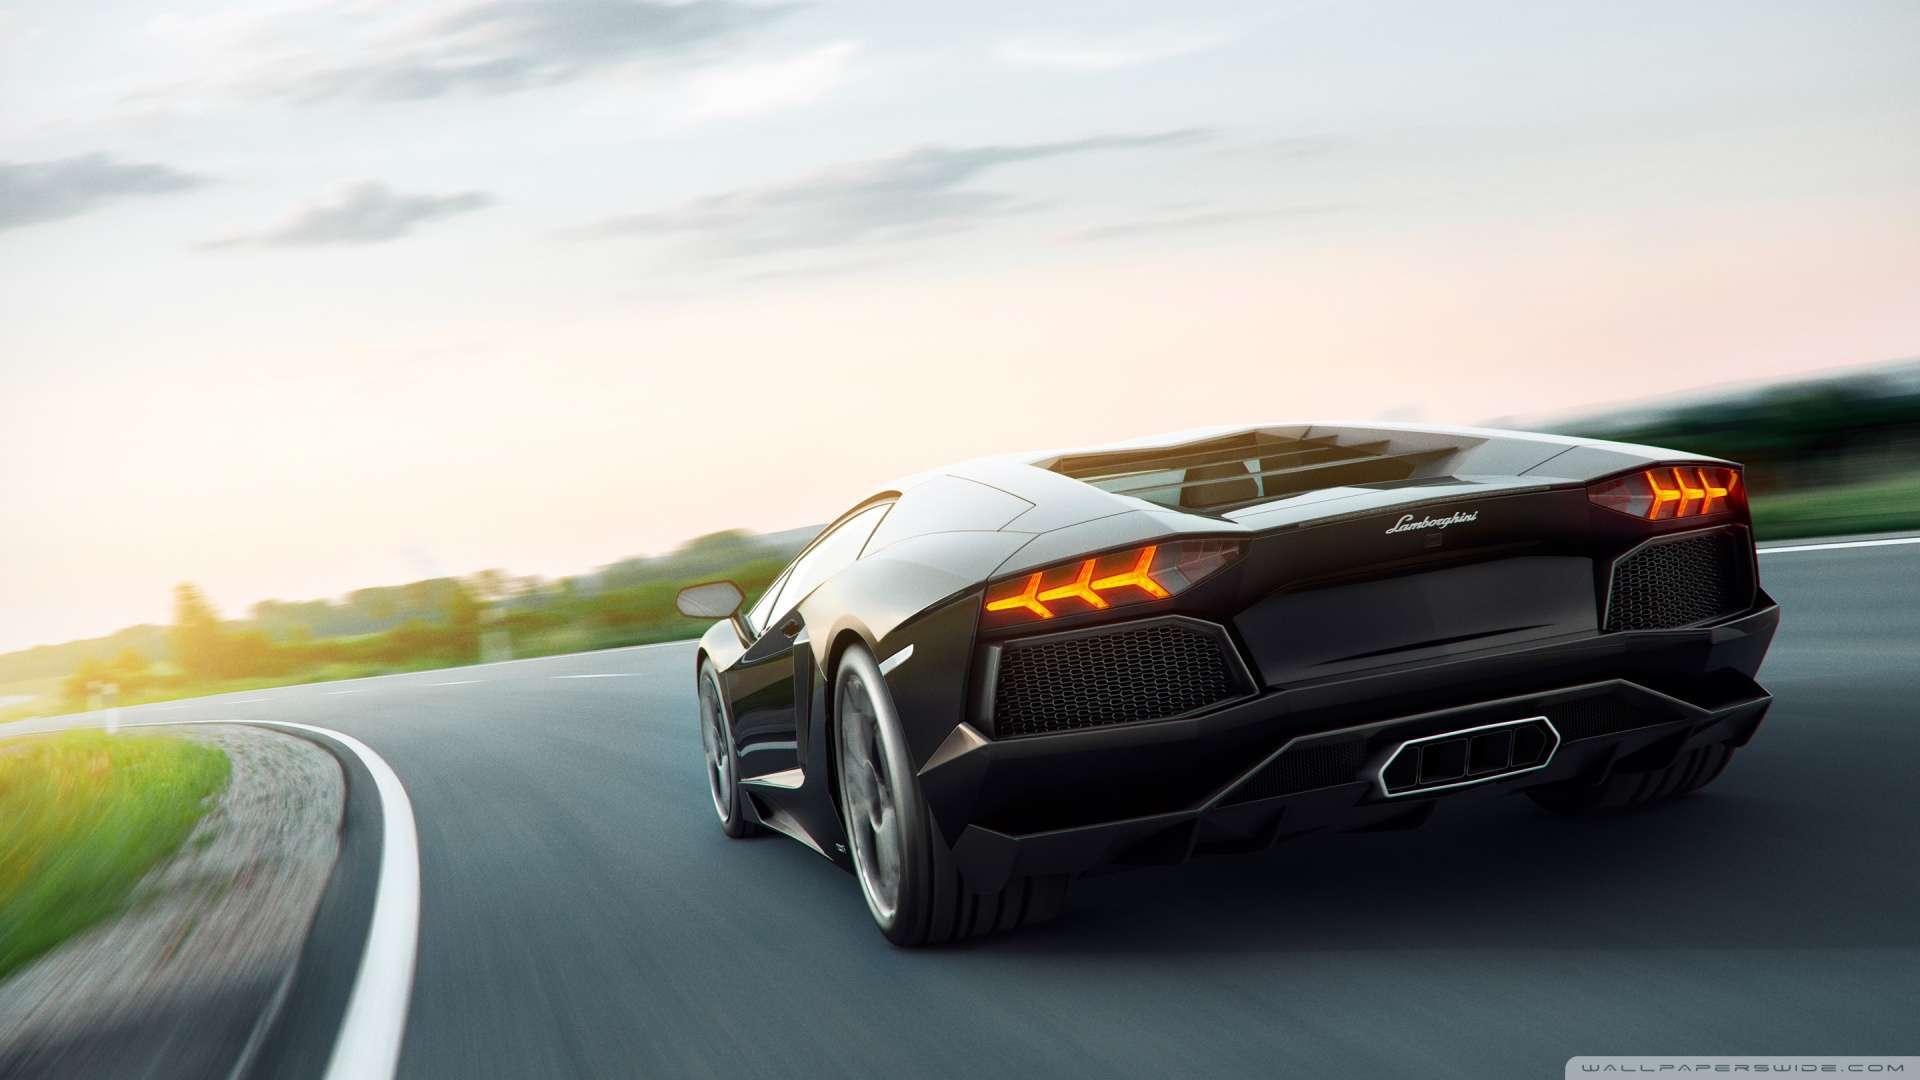 Wallpaper Lamborghini Aventador Art Wallpaper 1080p HD Upload at 1920x1080